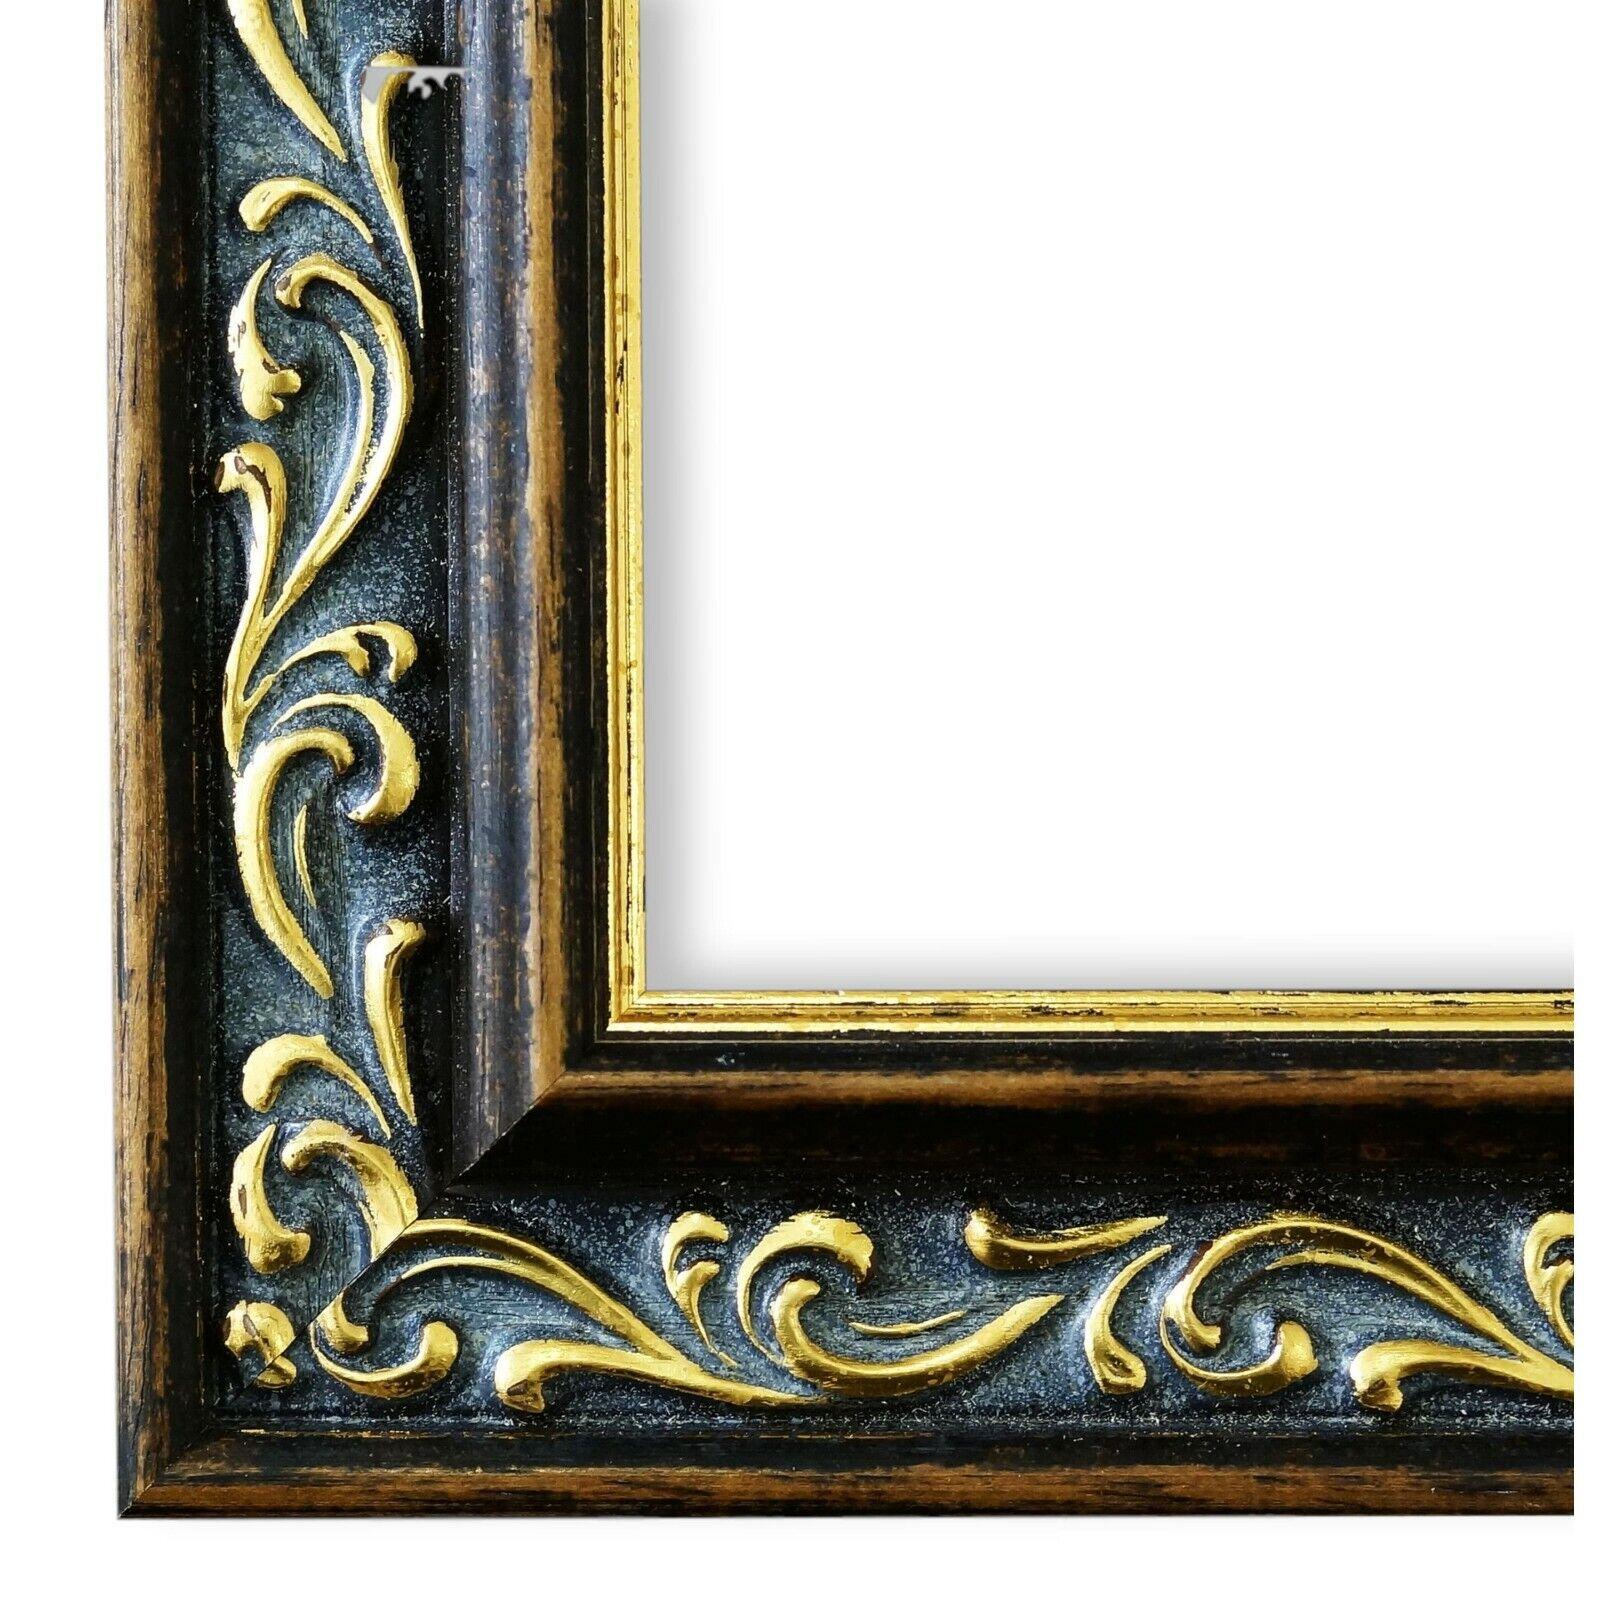 Bilderrahmen Verona Braun Gold - 80x80 80x90 80x100 80x120 90x90 90x100 100x100